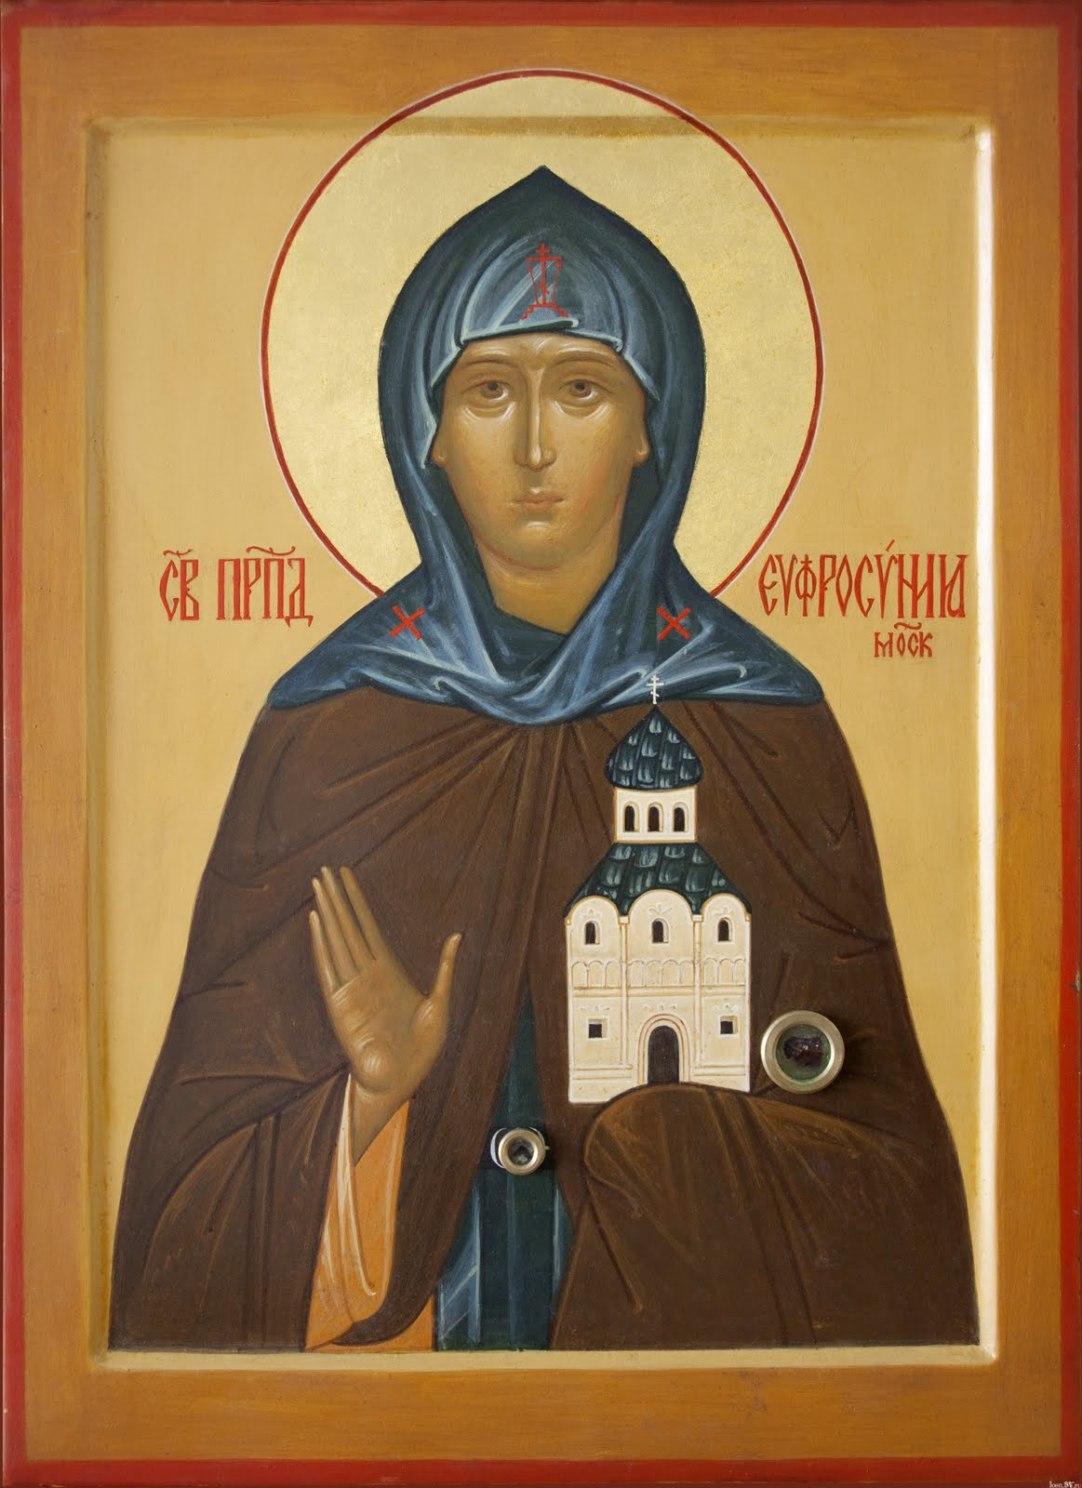 30 мая 2019 года отмечается праздник Евдокия Свистунья